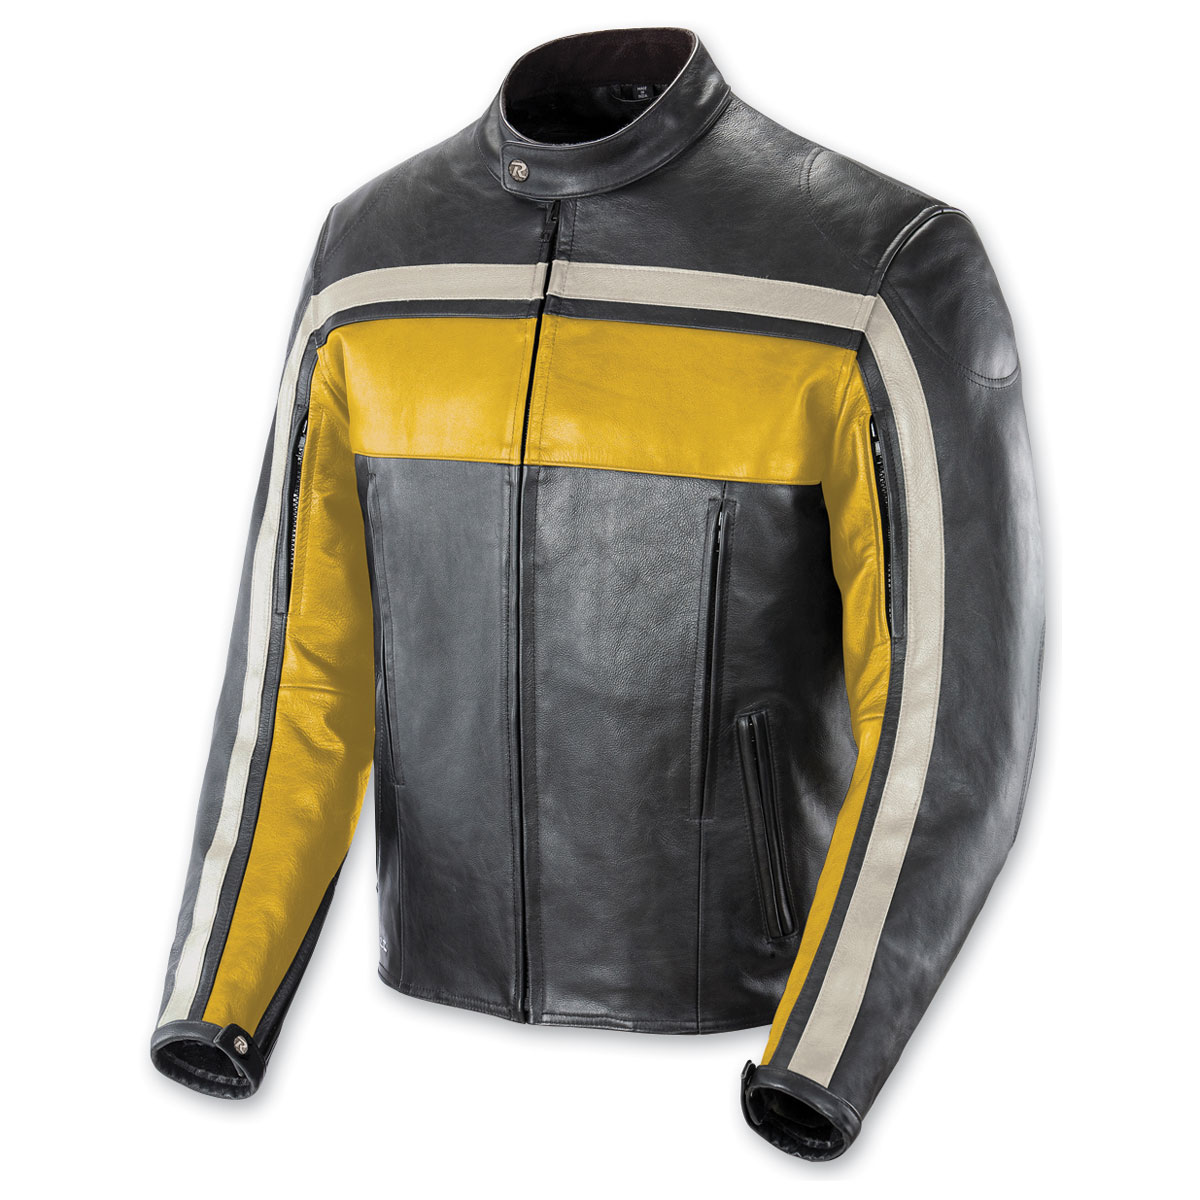 Joe Rocket Men's Old School Yellow/Black/Ivory Leather Jacket